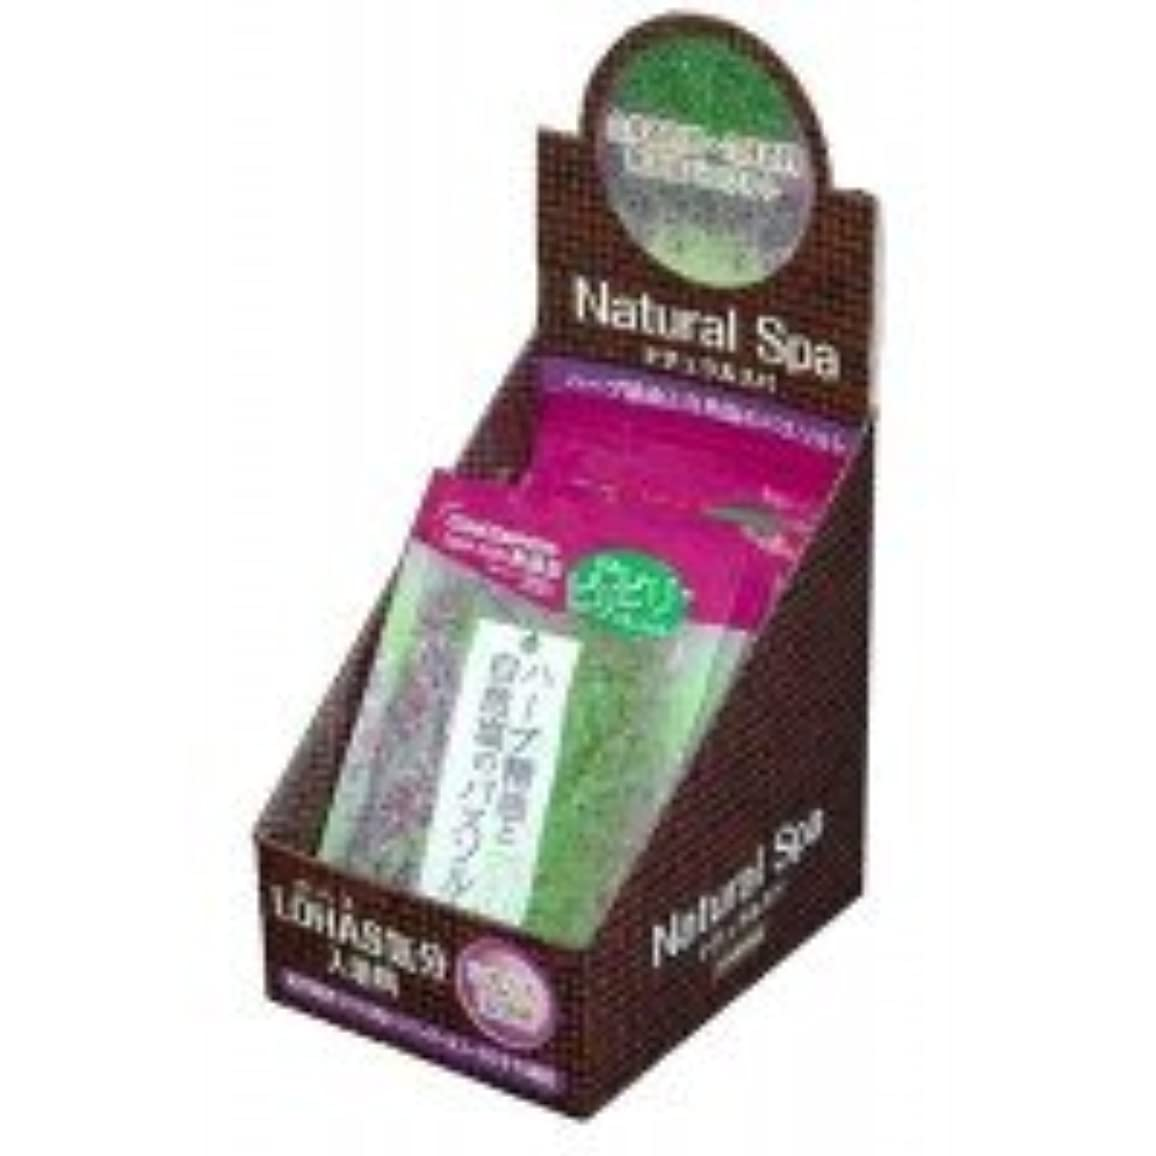 十分です酔っ払い進む五洲薬品 入浴用化粧品 ナチュラルスパ ハーブ精油 分包 (35g×10包)×3箱 NSH-13 0302453